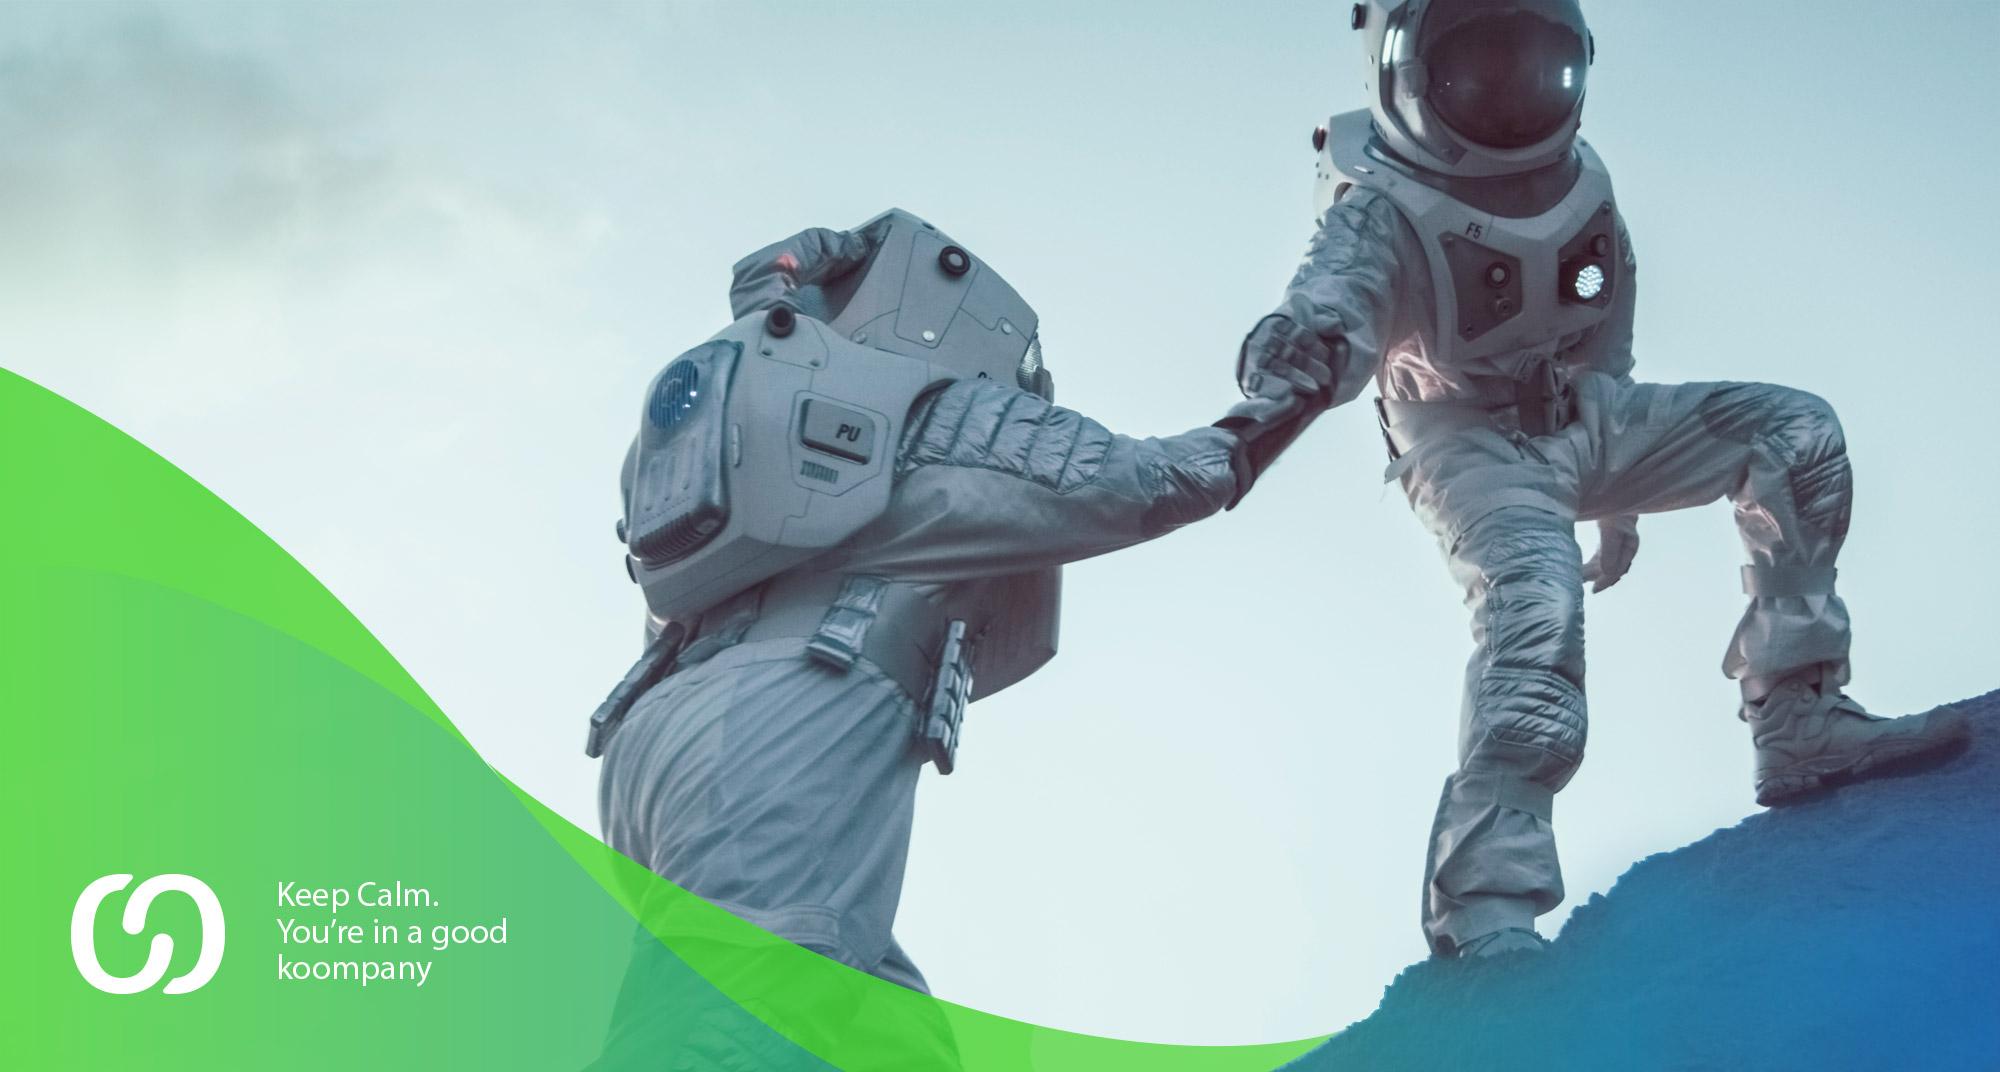 Publicidad de dos astronautasayudándose para empresa de marketing digital y social media